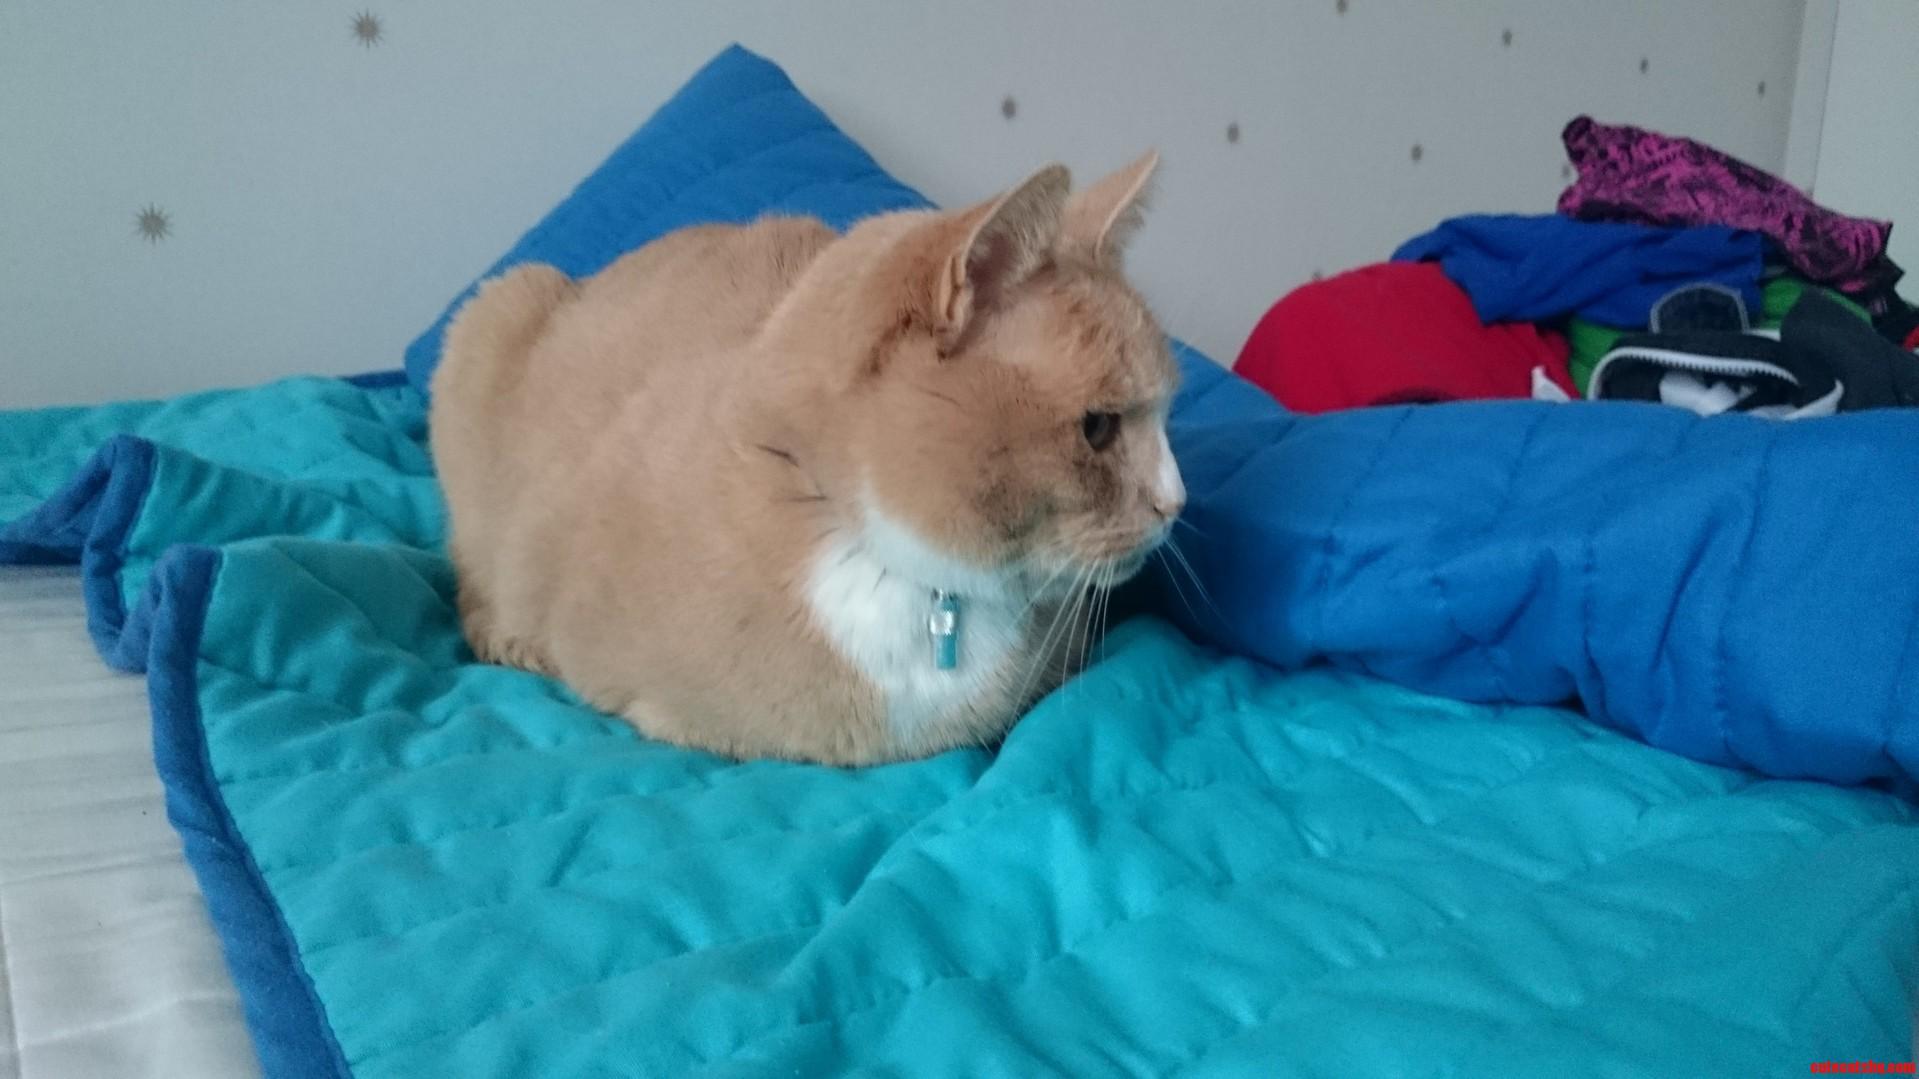 A ginger loaf